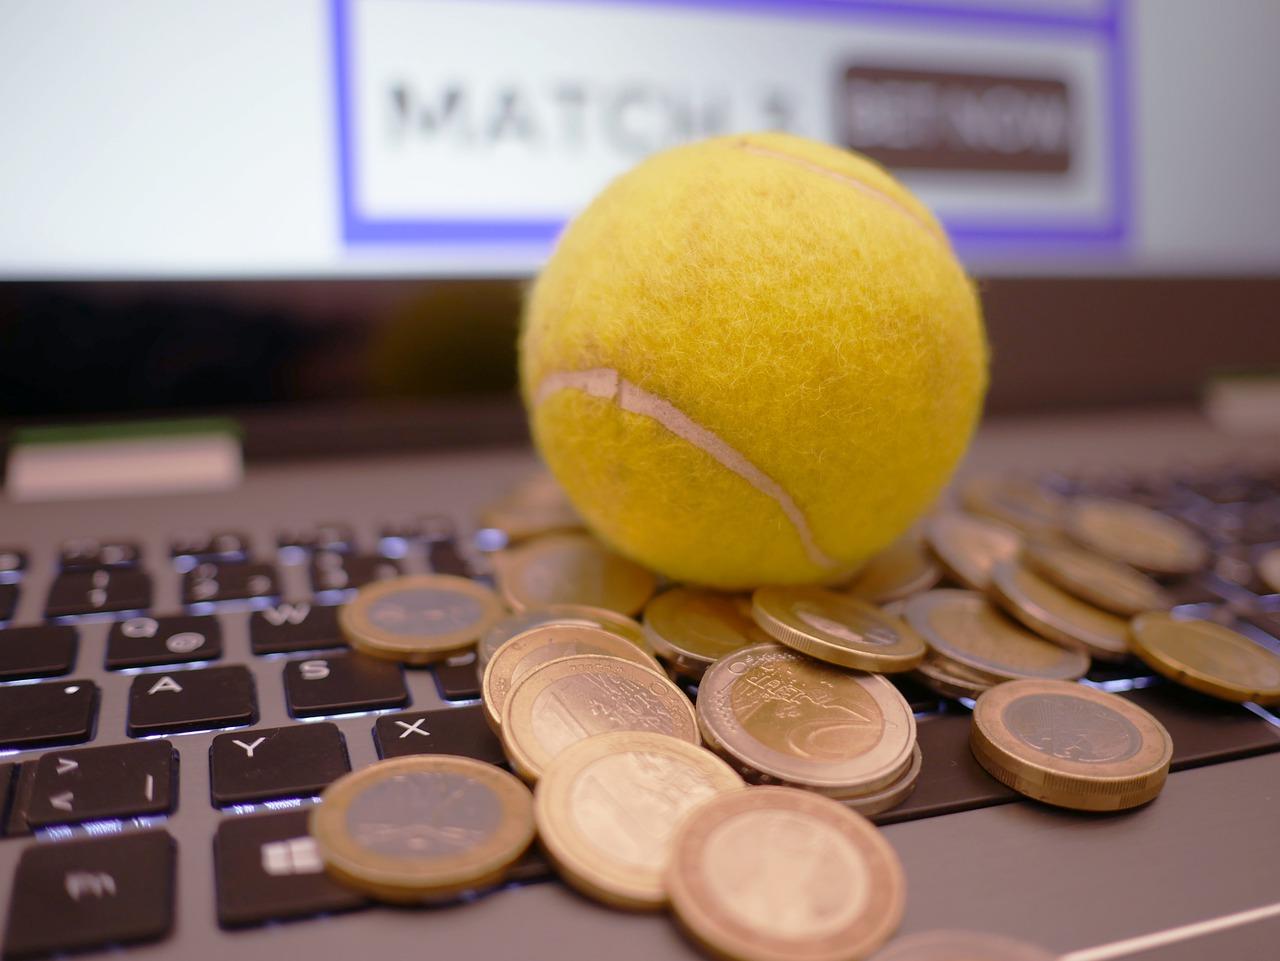 Top cele mai populare jocuri de cazino online